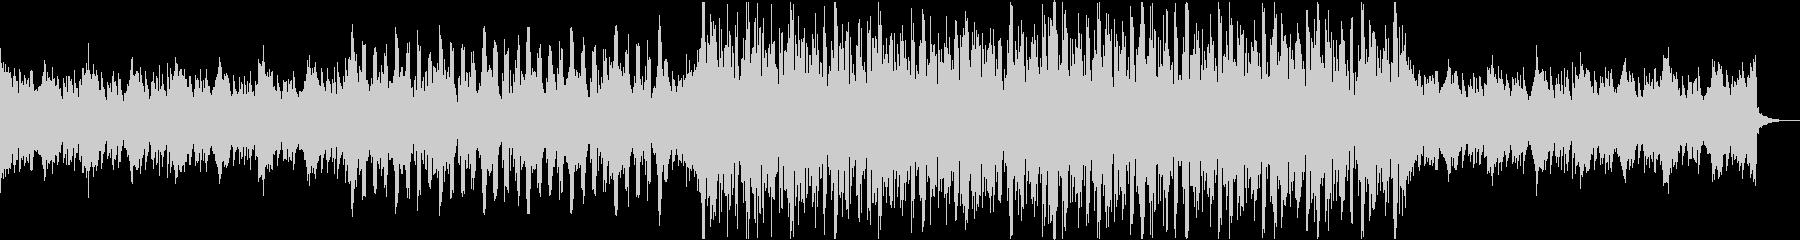 きらきらピアノ企業VPコーポレートcの未再生の波形